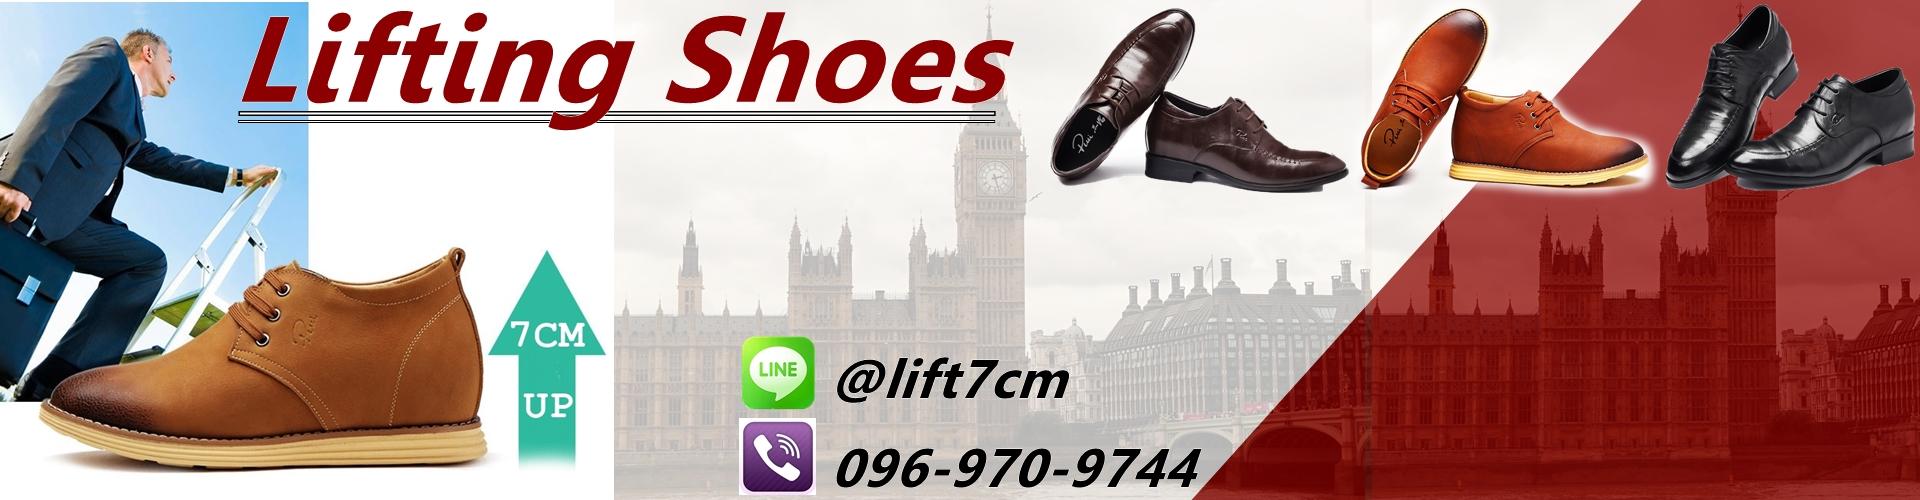 Lifting Shoes รองเท้าเสริมส้น เสริมบุคลิกภาพ 7CM